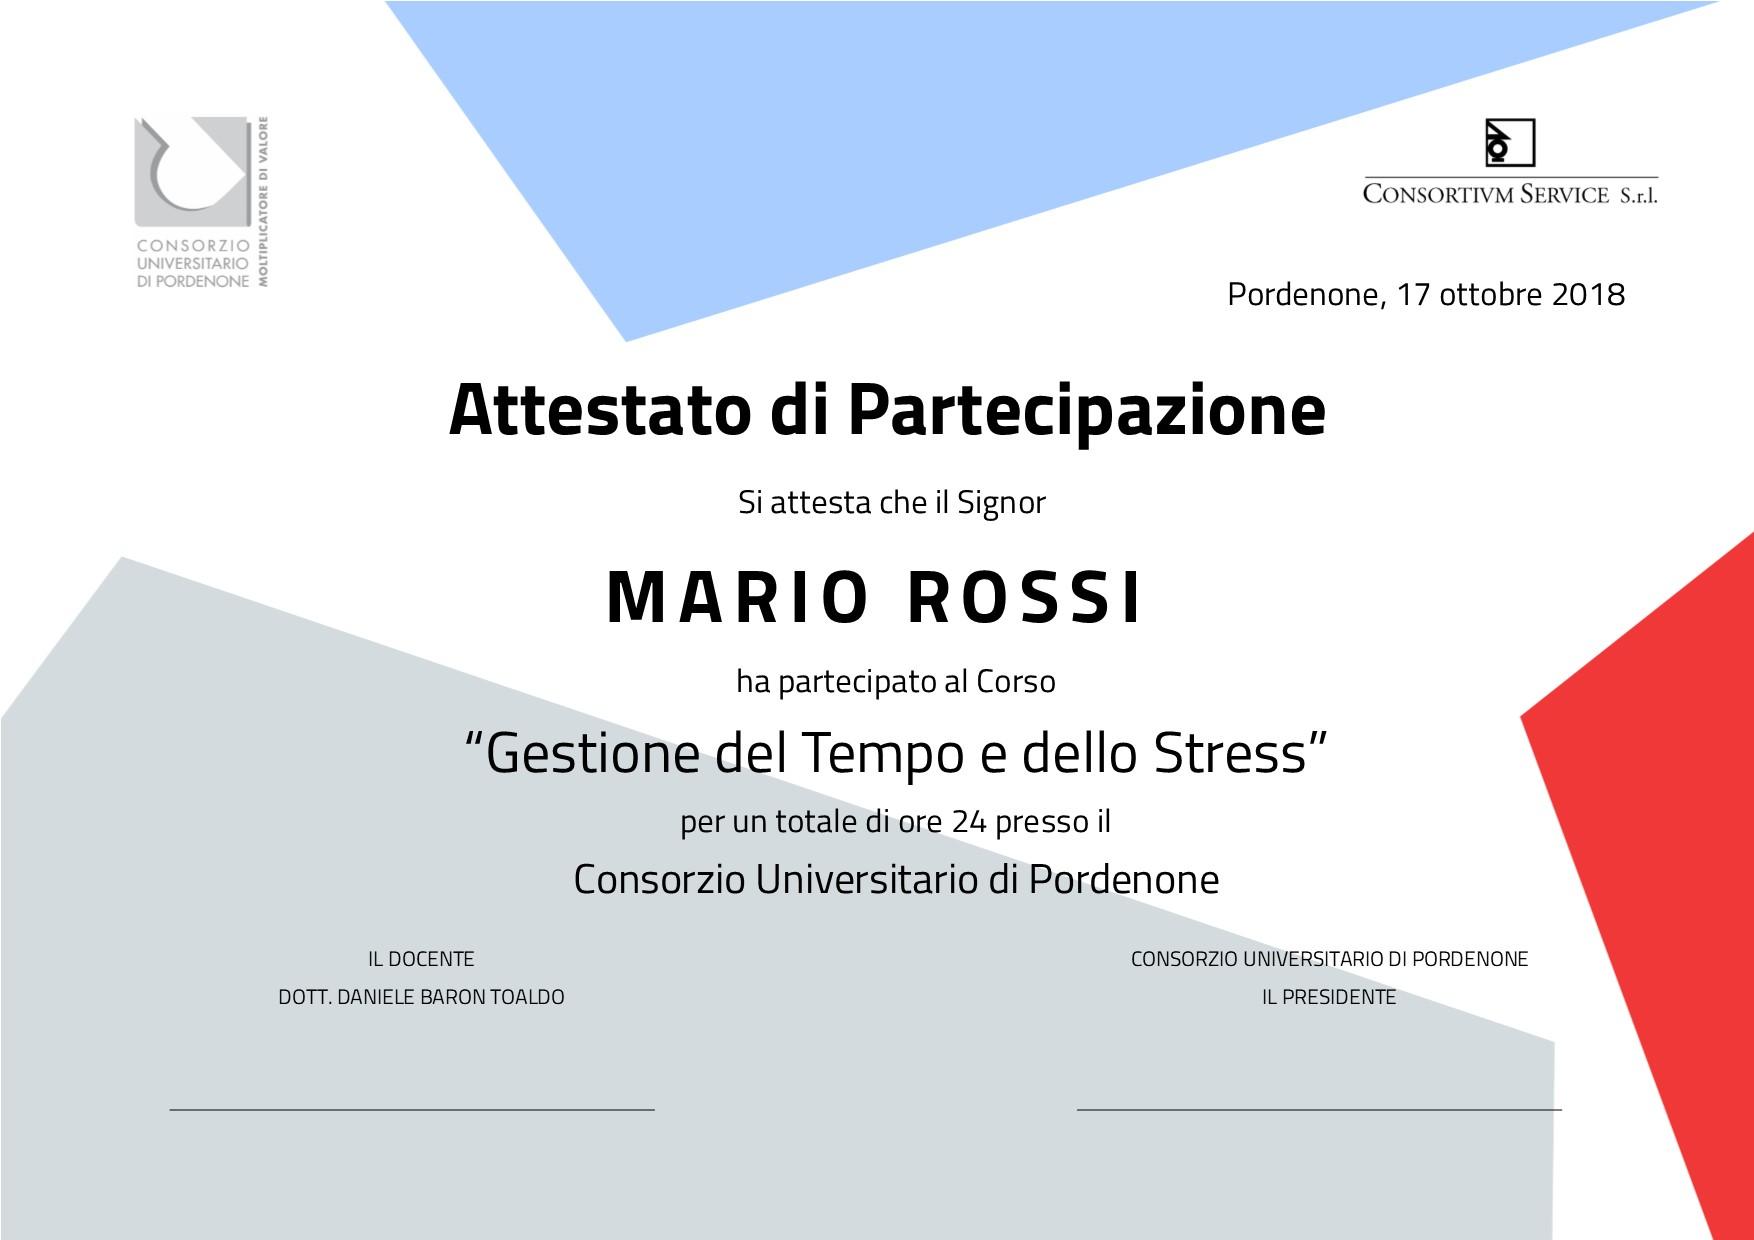 Corso Gestione Tempo Stress Consortium Service